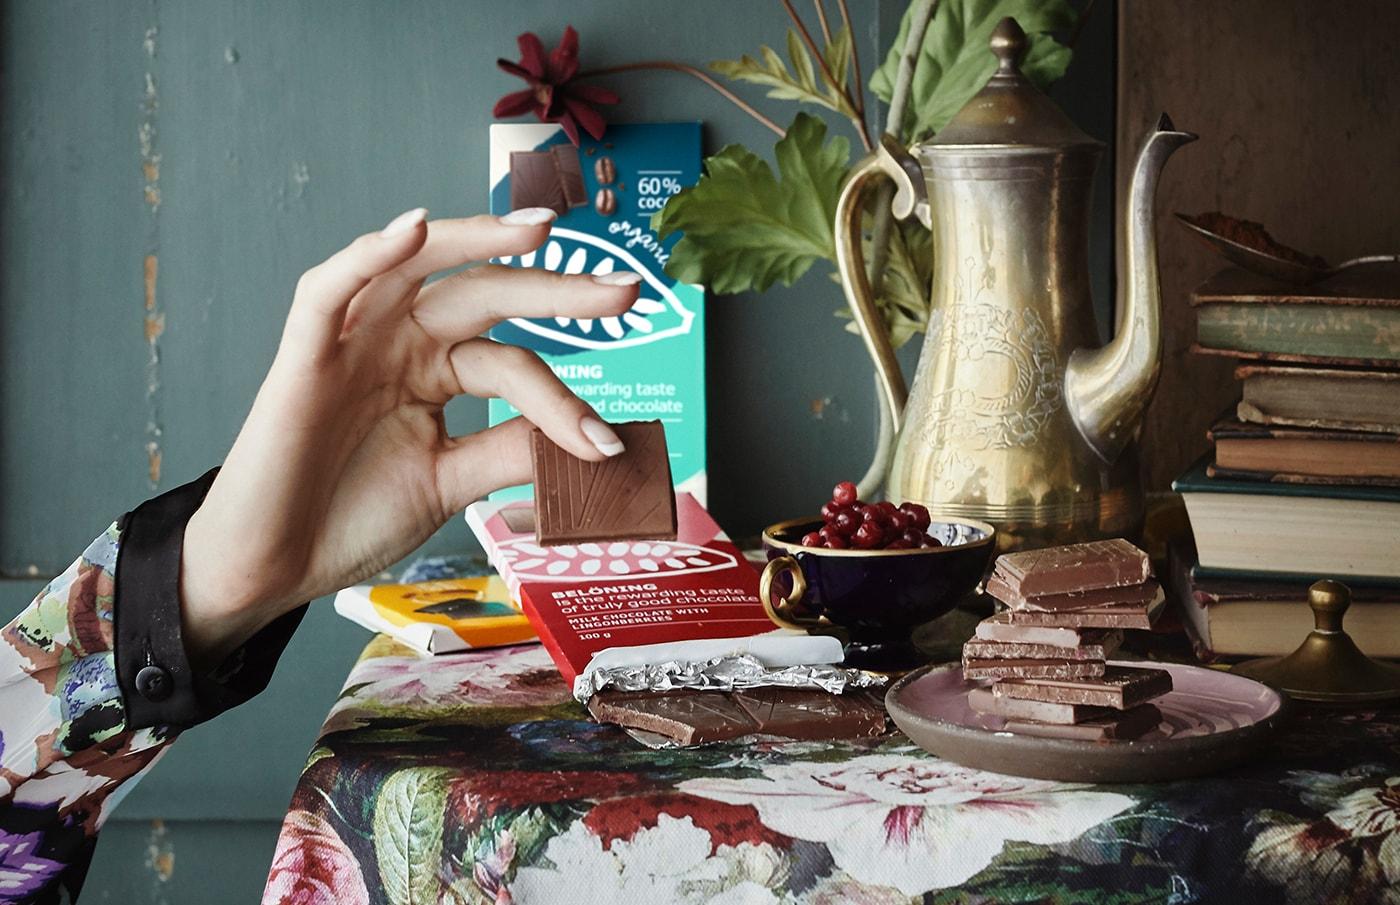 Dame prenant un carré de chocolat d'une tablette déposée sur une table où se trouvent chocolat, fruits et livres